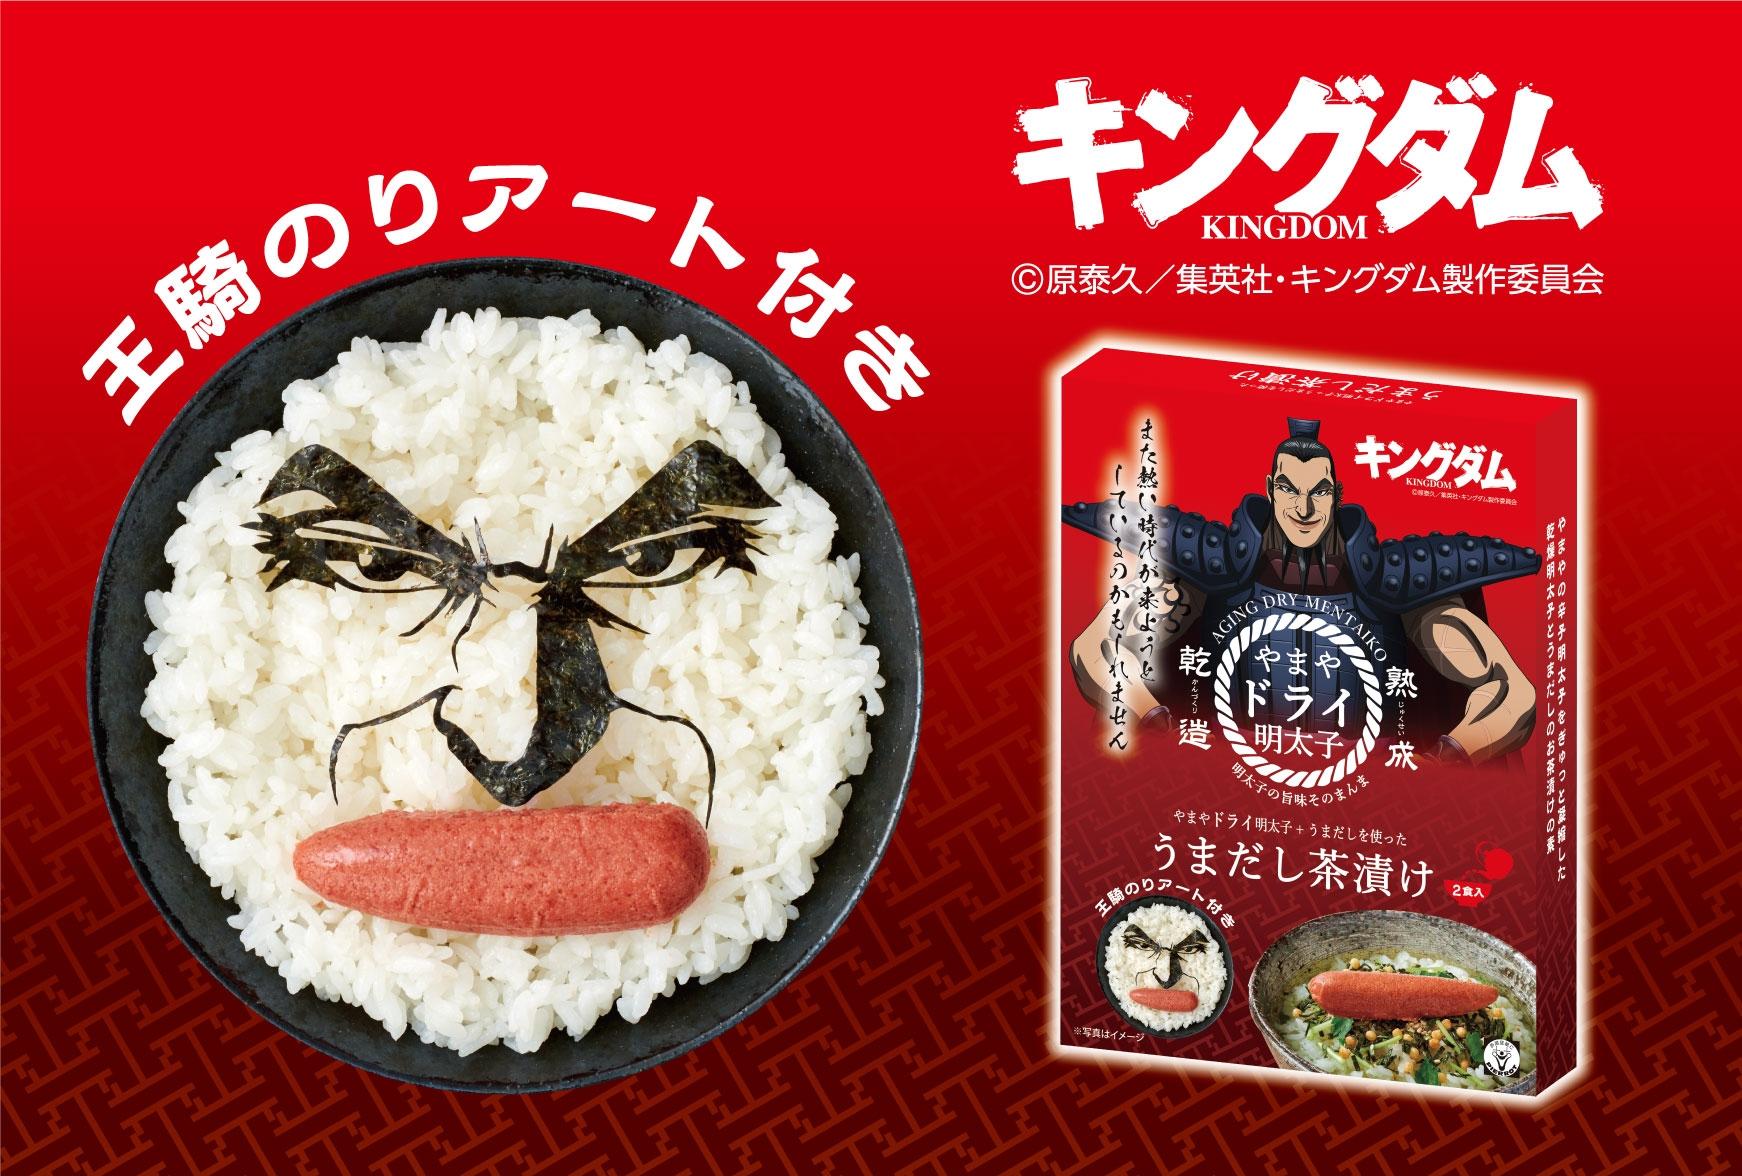 「キングダム」×「やまや」王騎将軍の顔をのり&明太子で表現したコラボお茶漬け発売!パッケージには描き下ろしイラスト使用